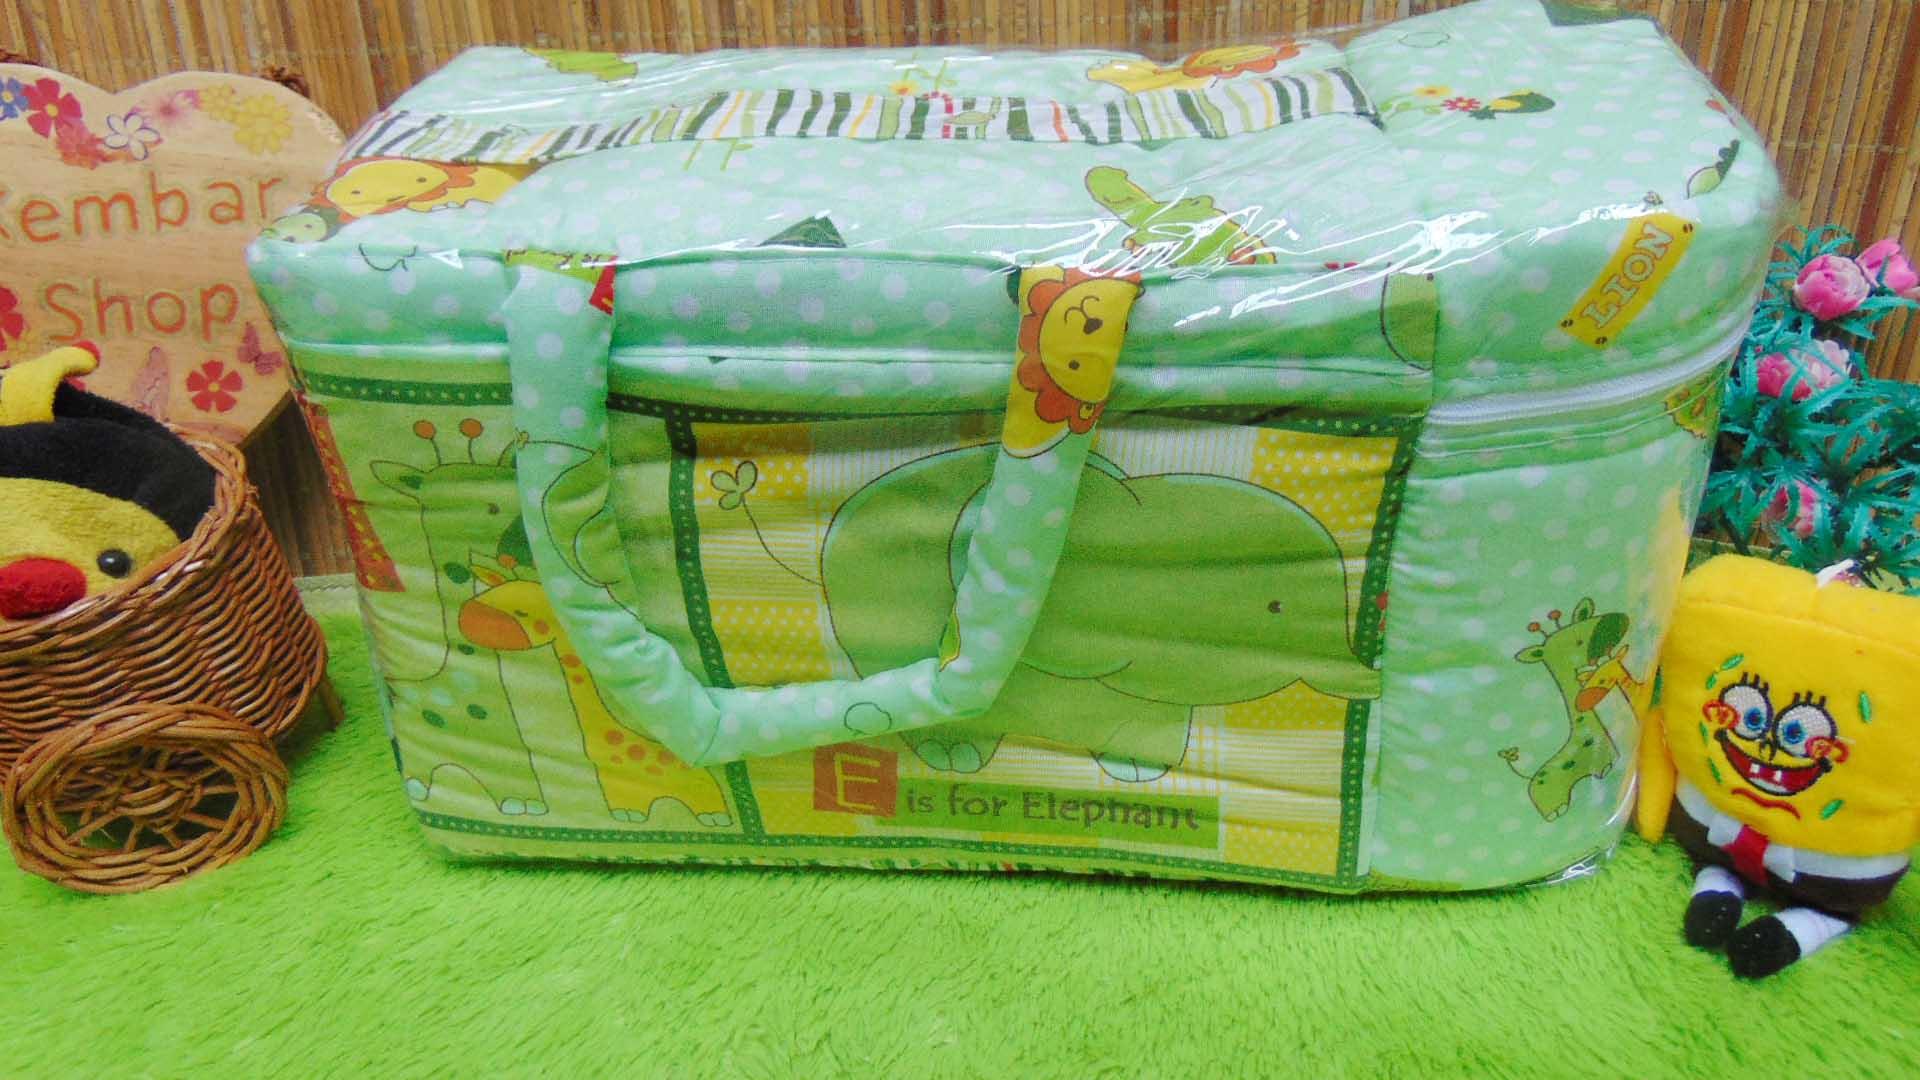 kado bayi tas perlengkapan bayi motif polka animal aneka warna dengan tempat botol susu tahan panas dingin (1)